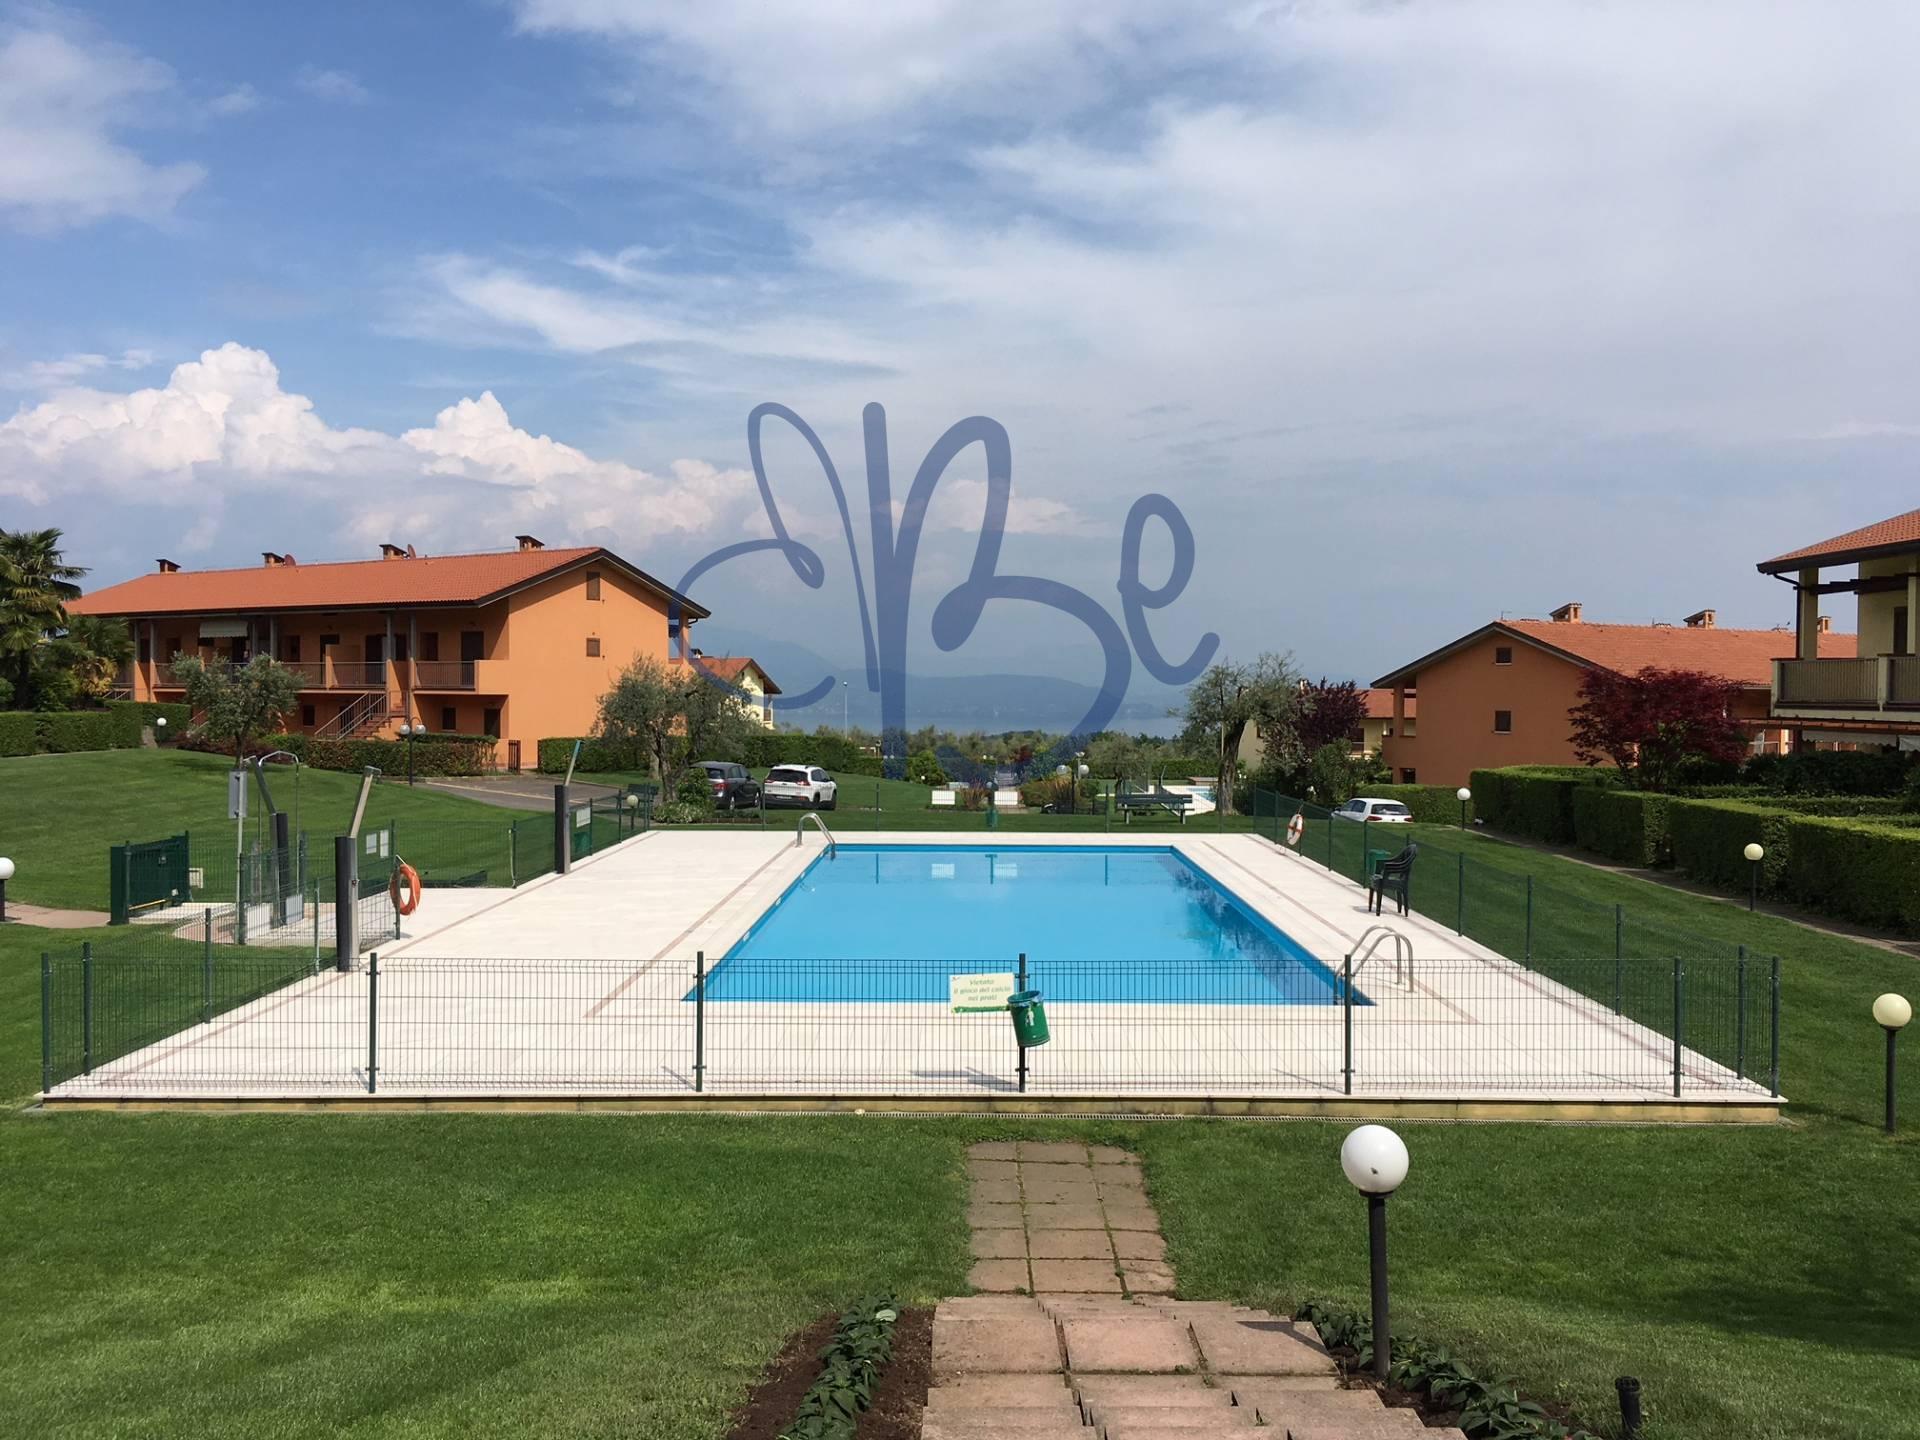 Appartamento in vendita a Puegnago sul Garda, 3 locali, prezzo € 150.000 | CambioCasa.it